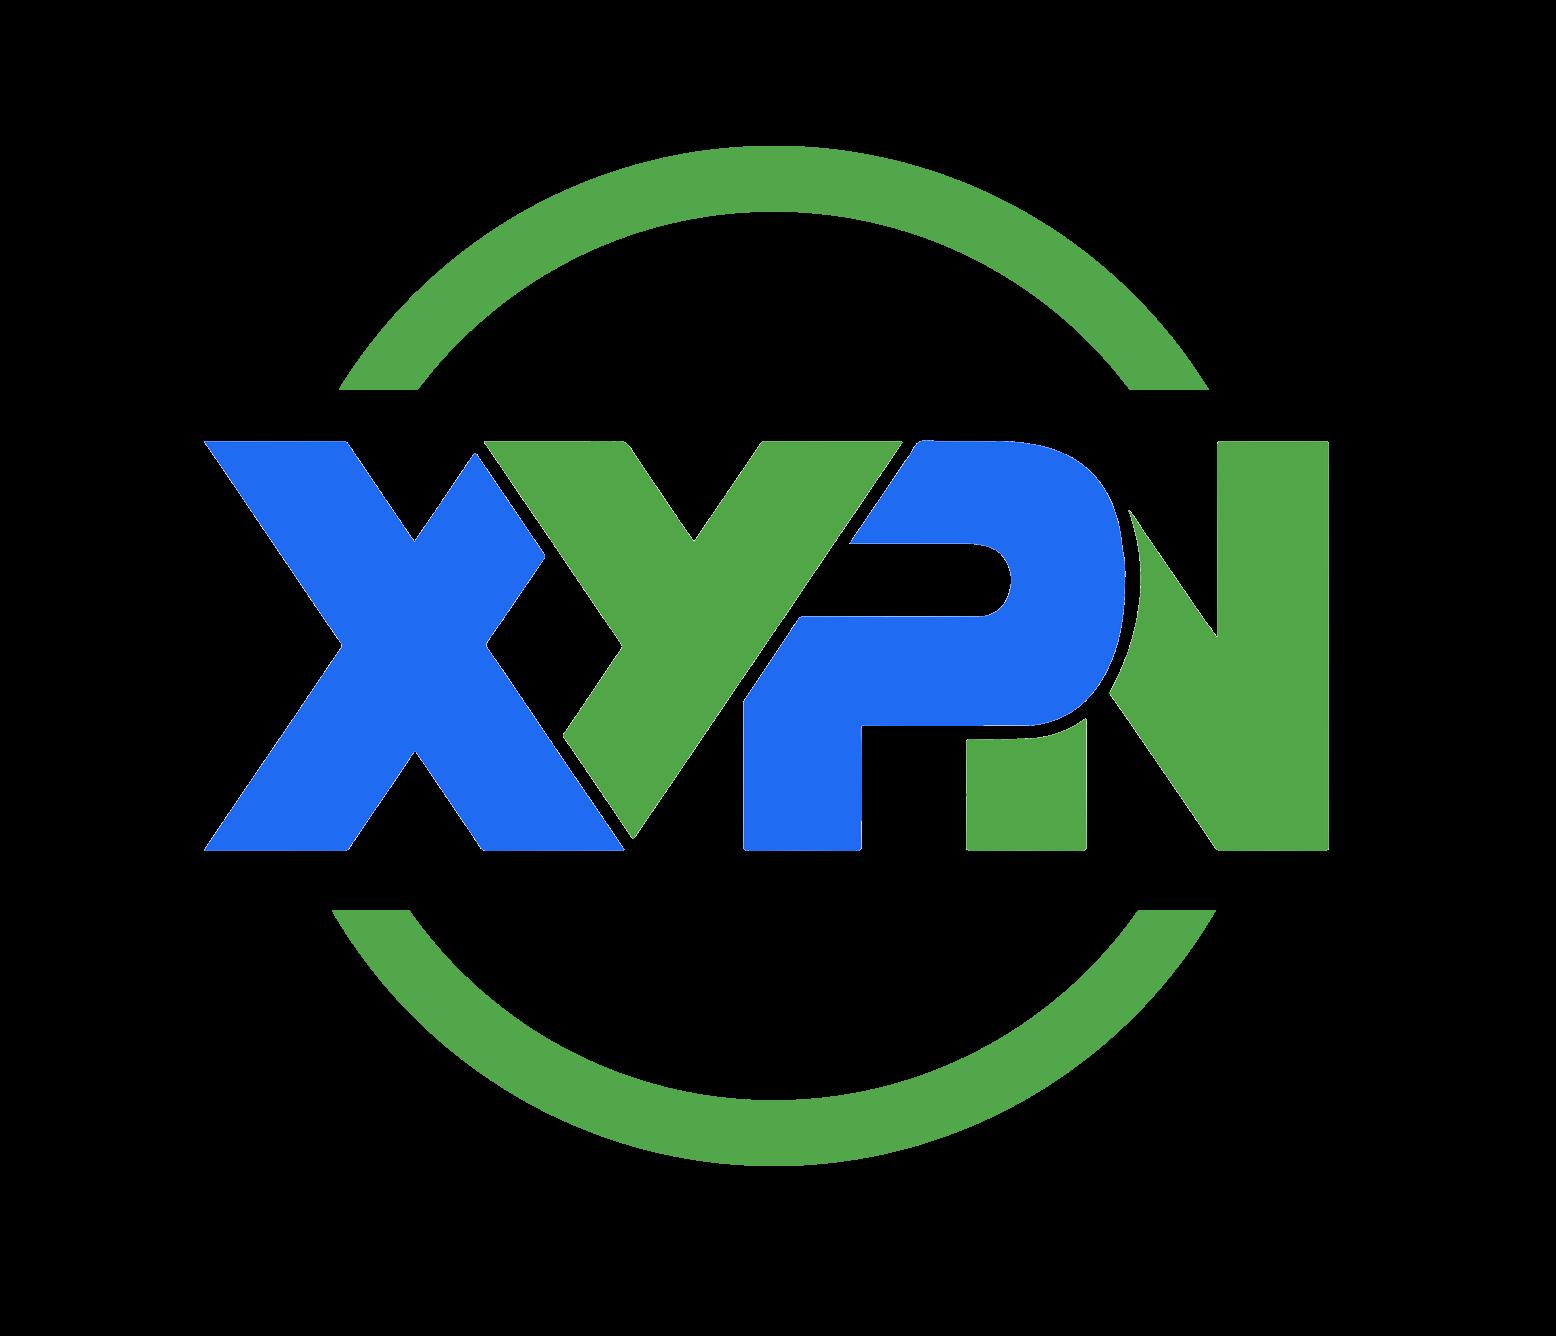 XYPN Academy